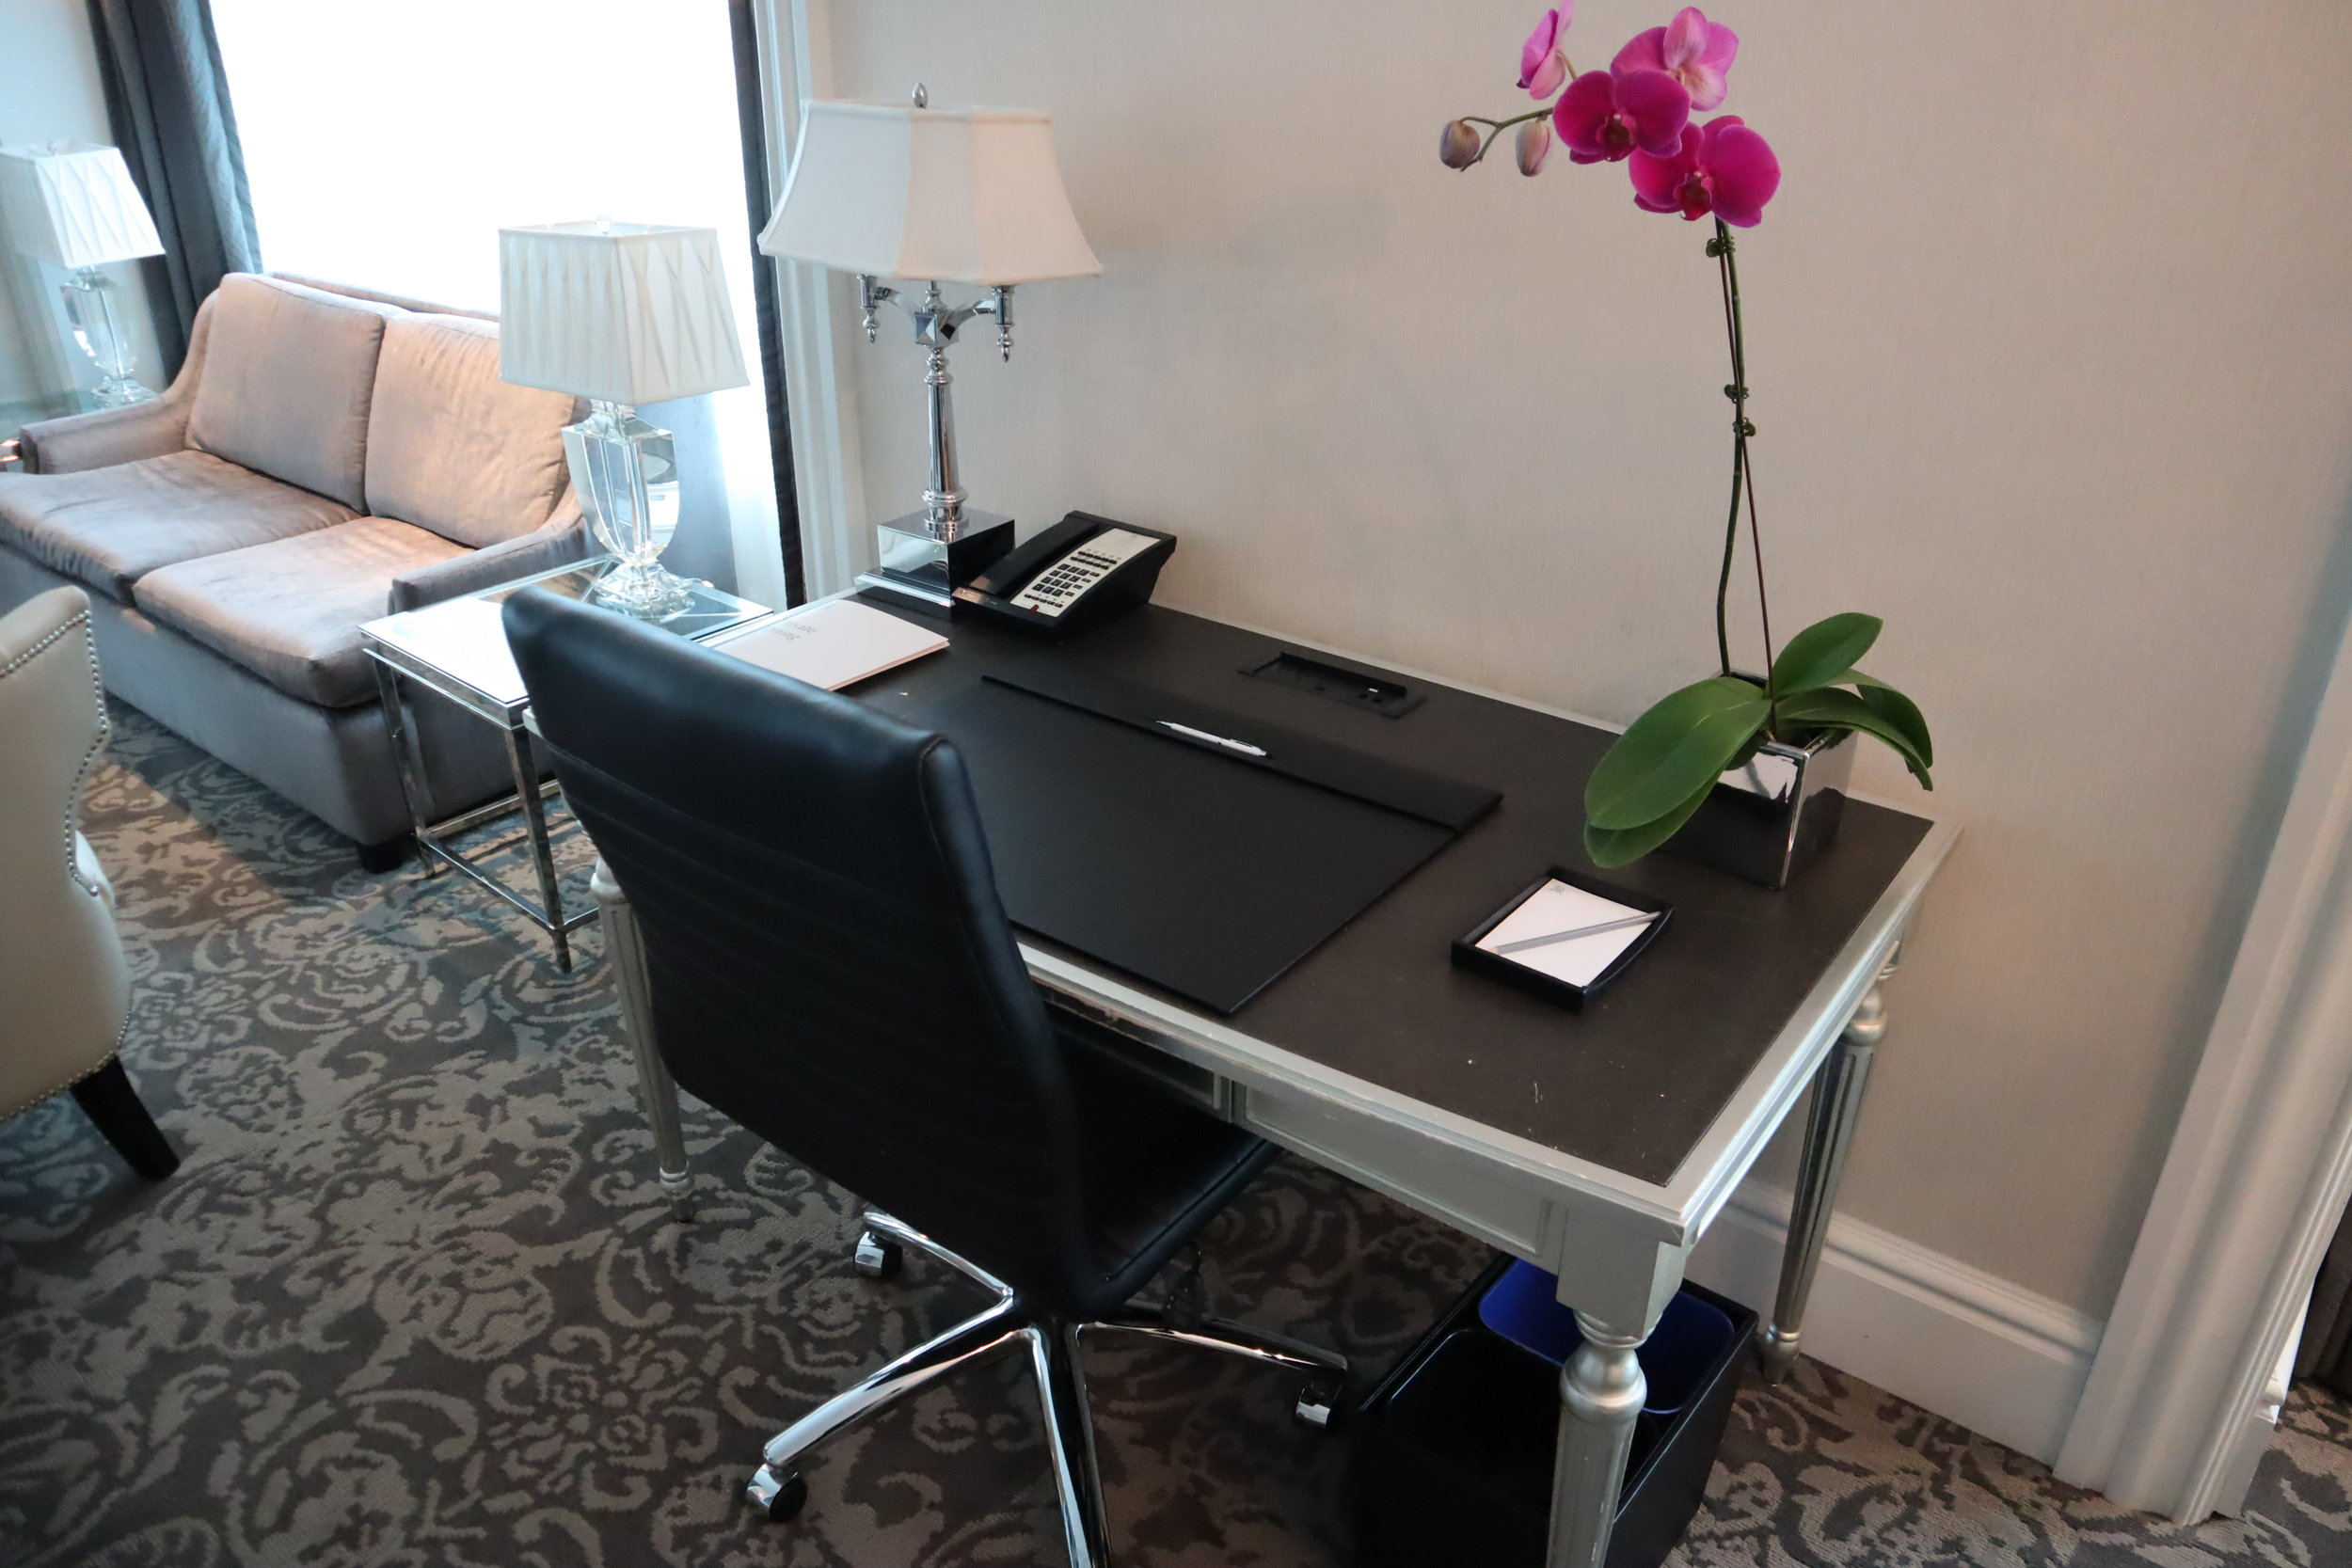 St. Regis Toronto – Two-bedroom suite desk